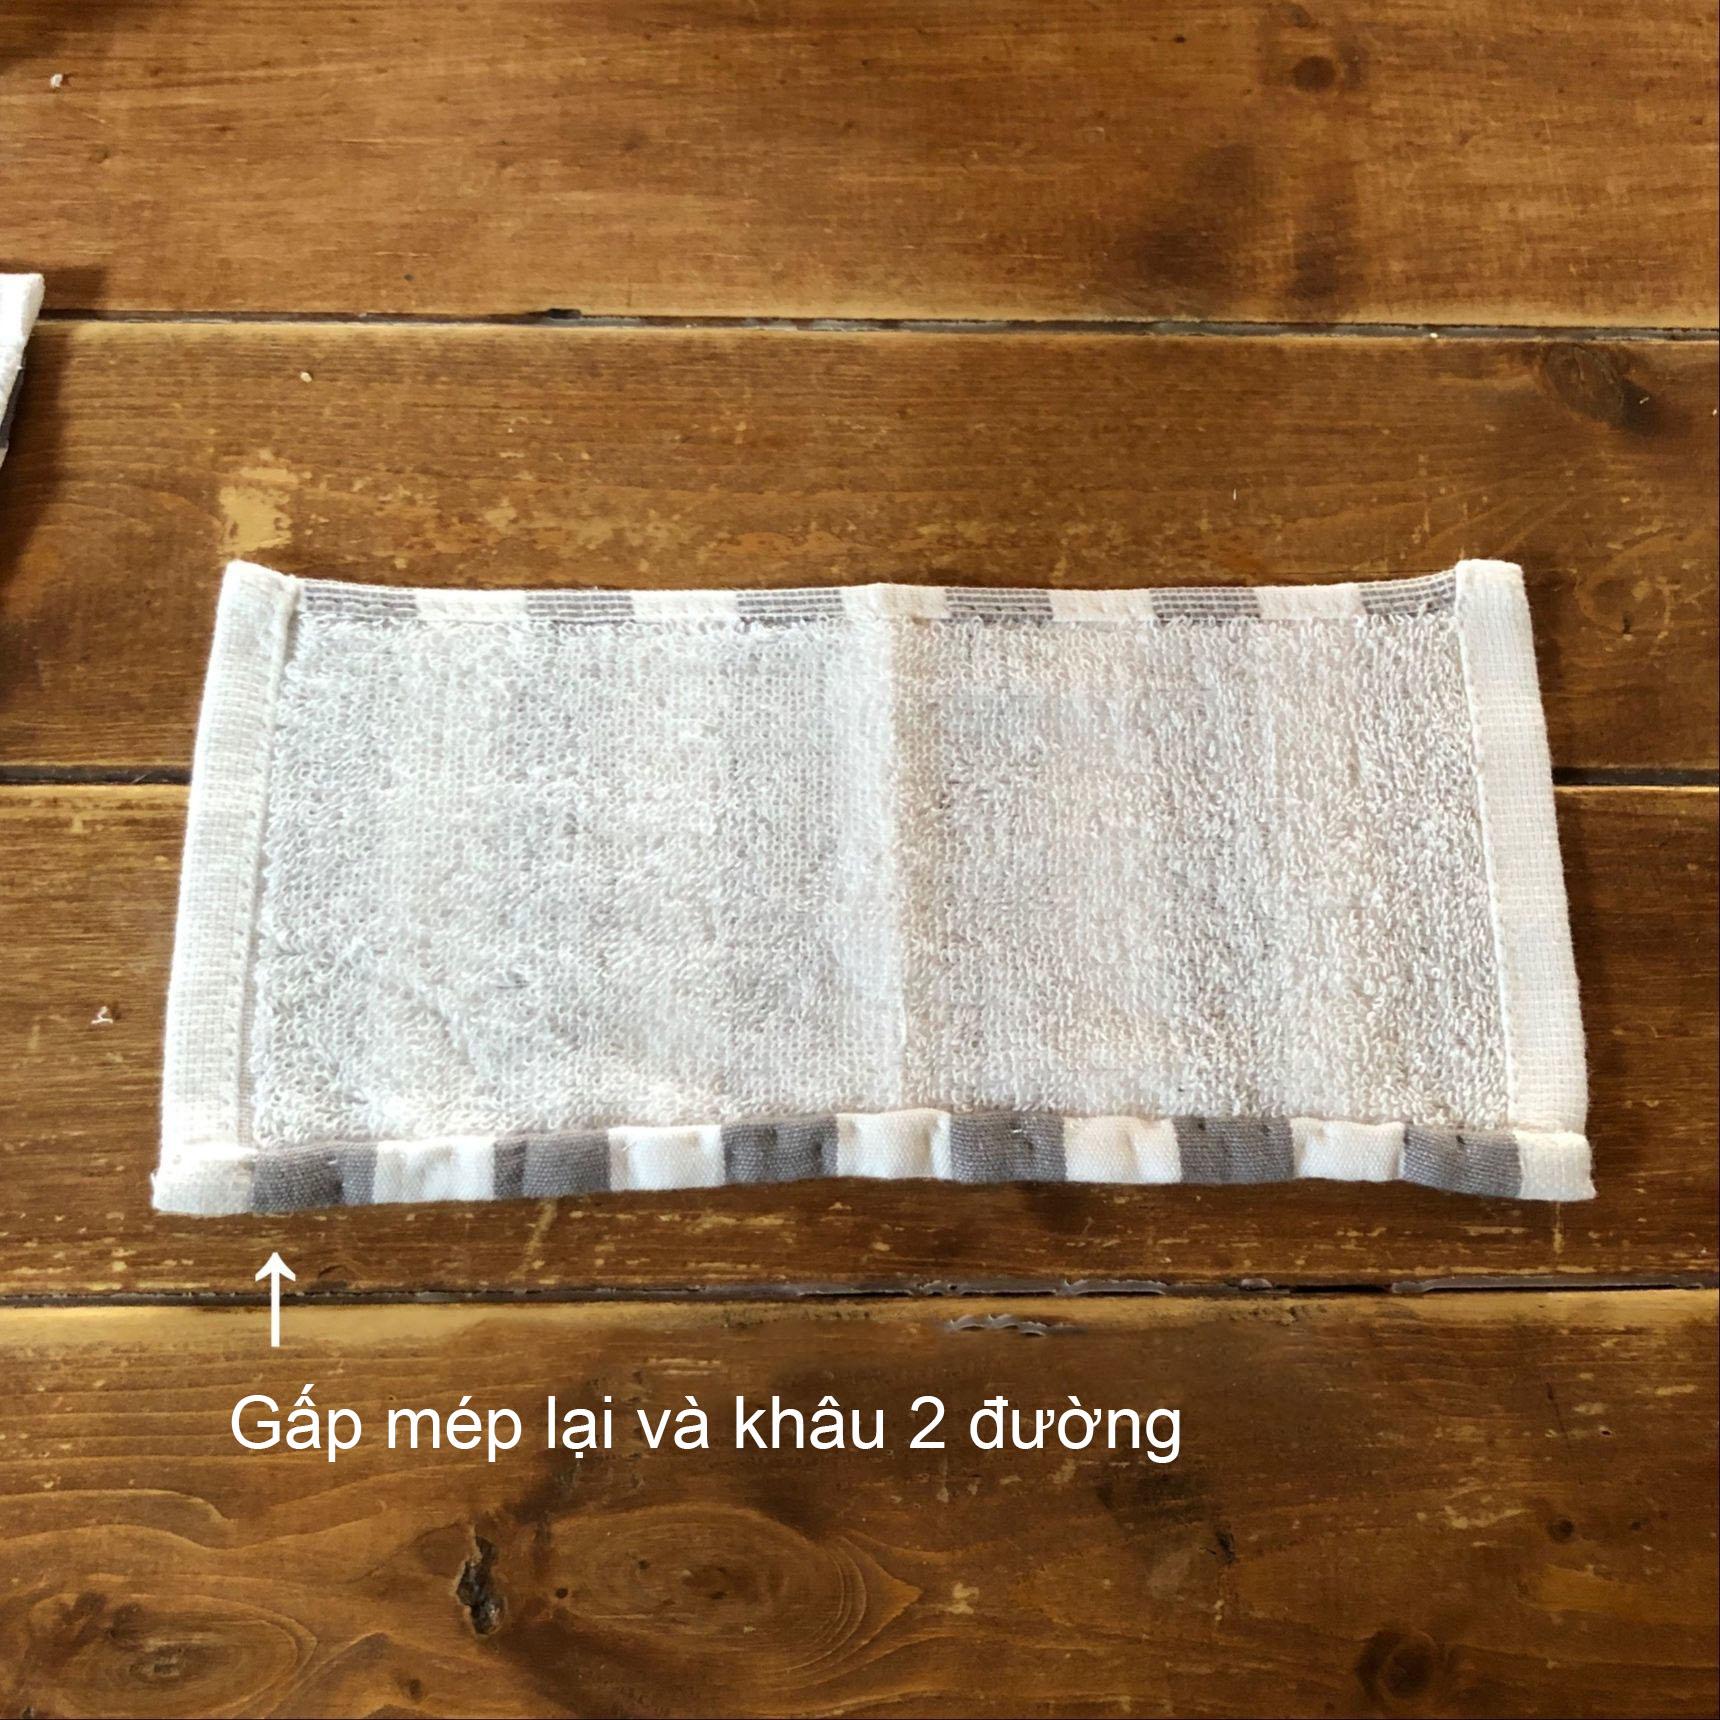 Khâu 2 đường để không bị phồng khi giặt